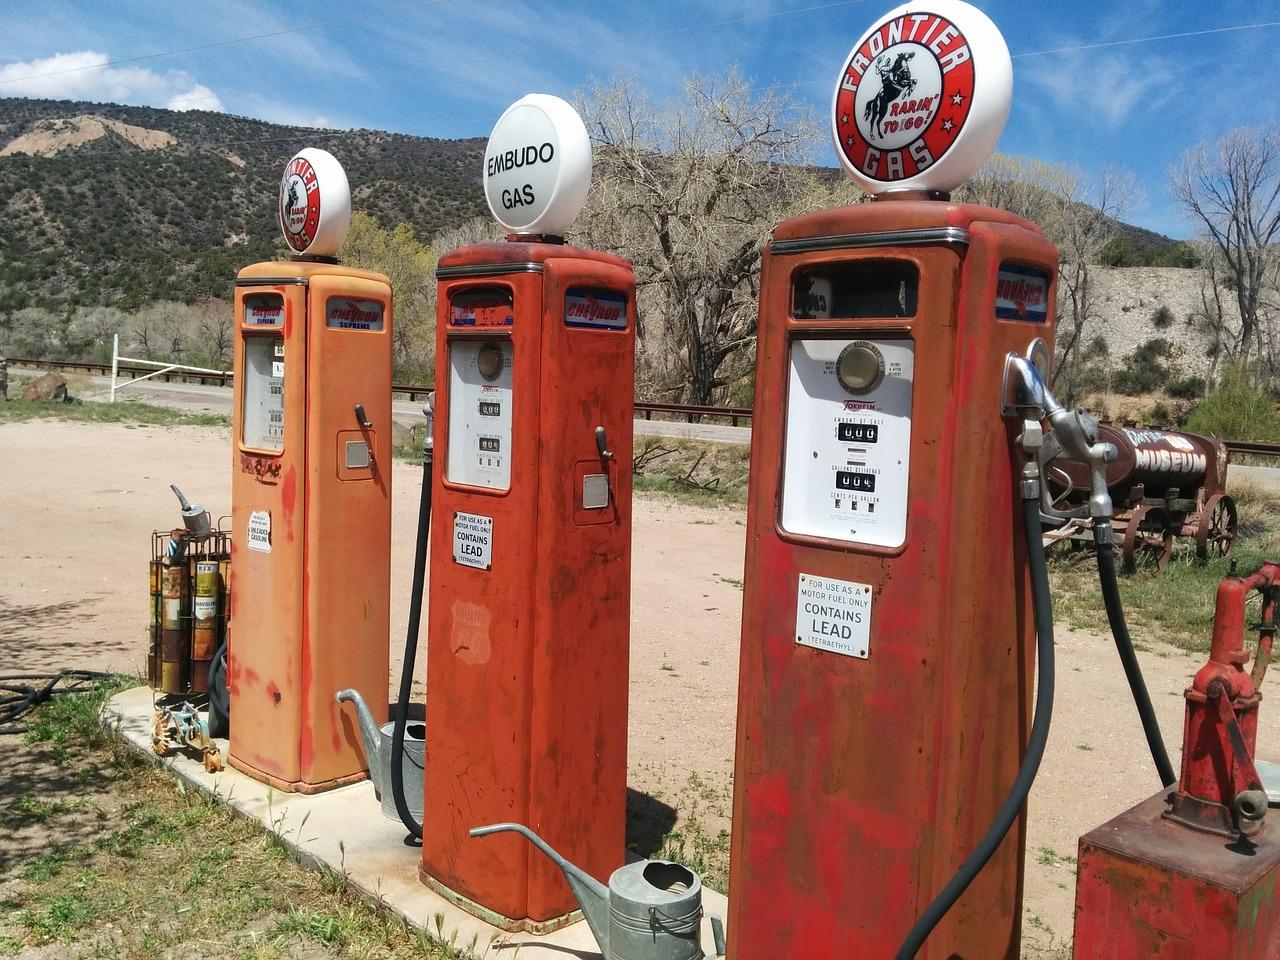 Buenas noticias: hemos erradicado oficialmente la gasolina con plomo